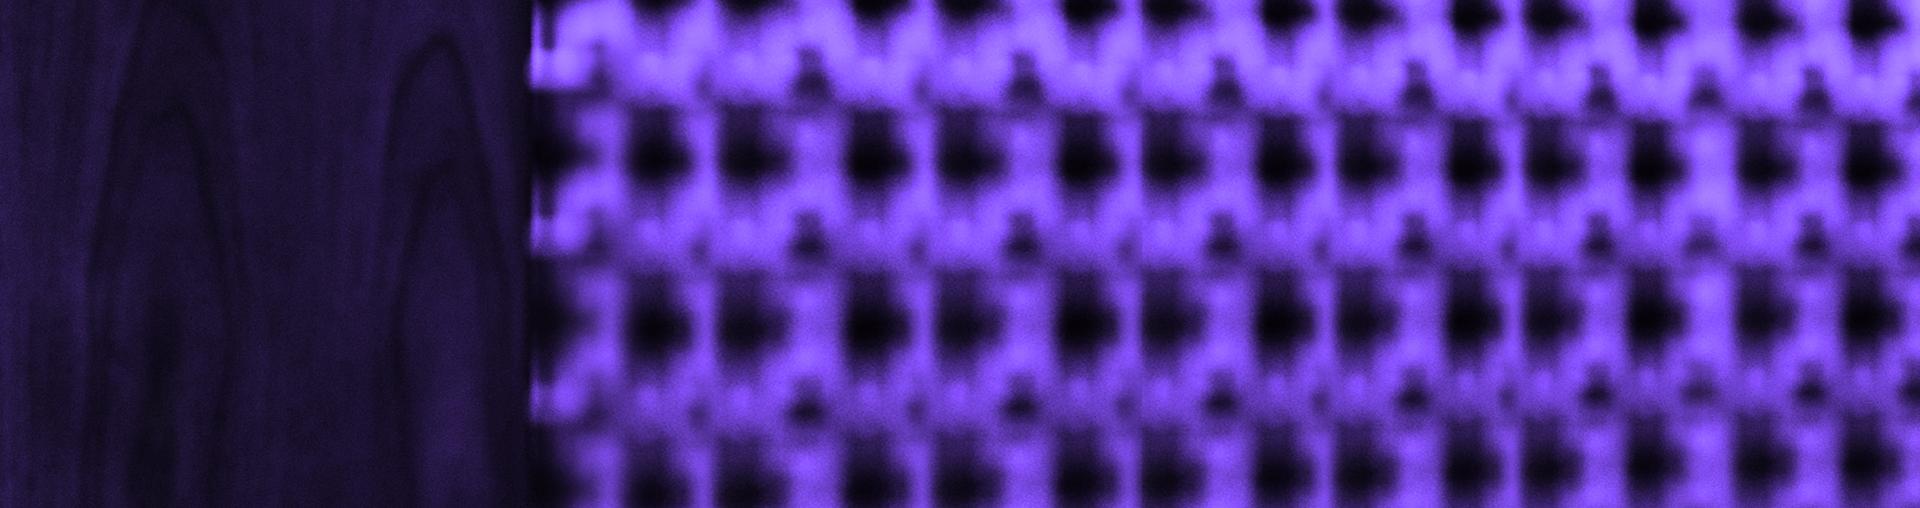 ASM0009_ESC2018_Webpage-Tile_Speaker_Bryce-Blum_1920x508px_V1_BG